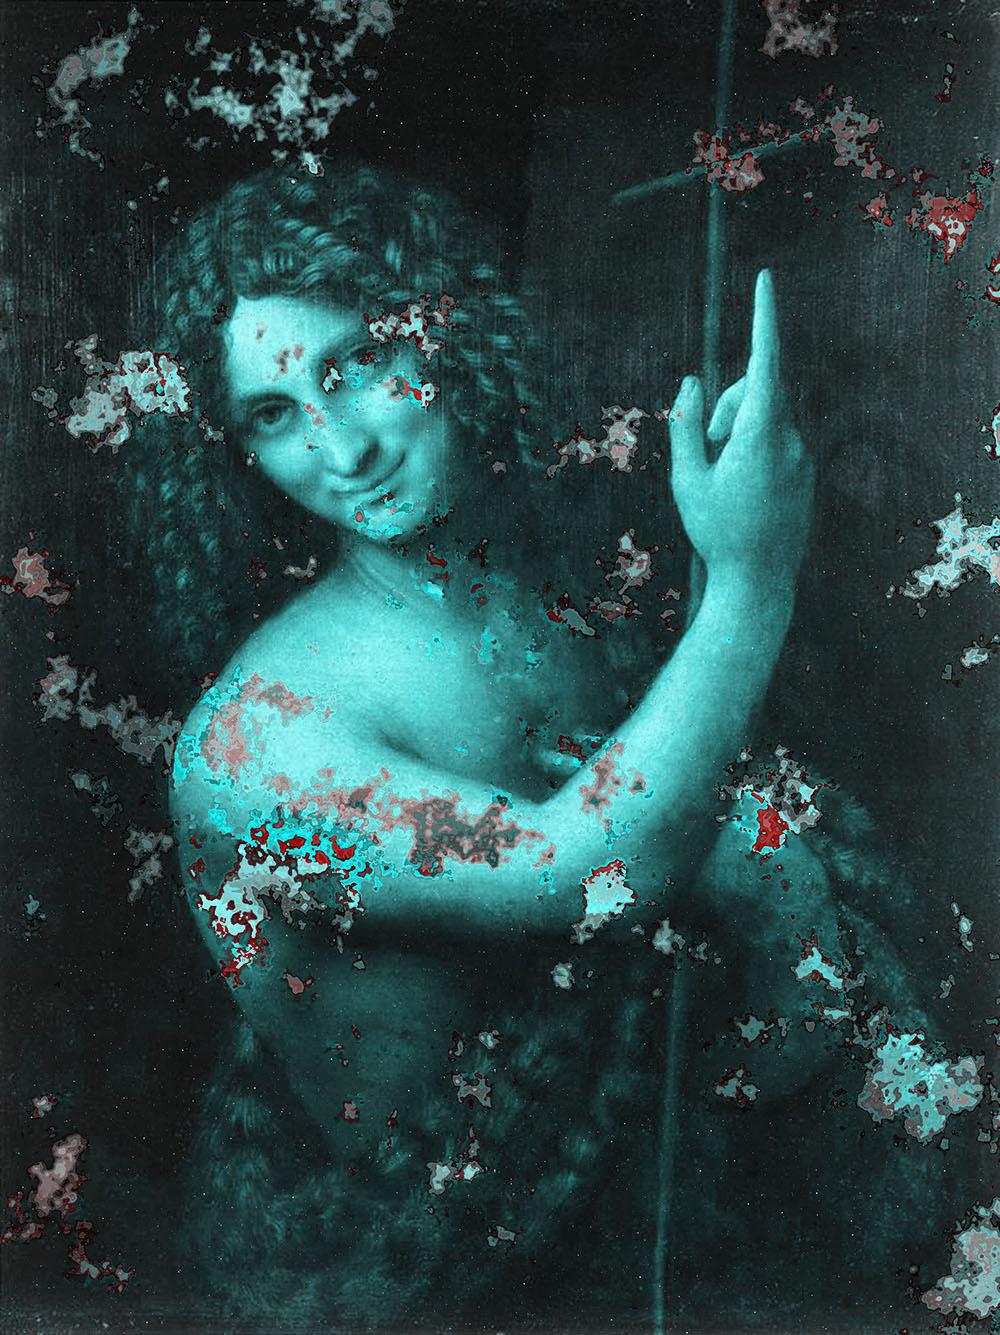 Saint John The Baptist artwork by Leonardo In Digital - art listed for sale on Artplode